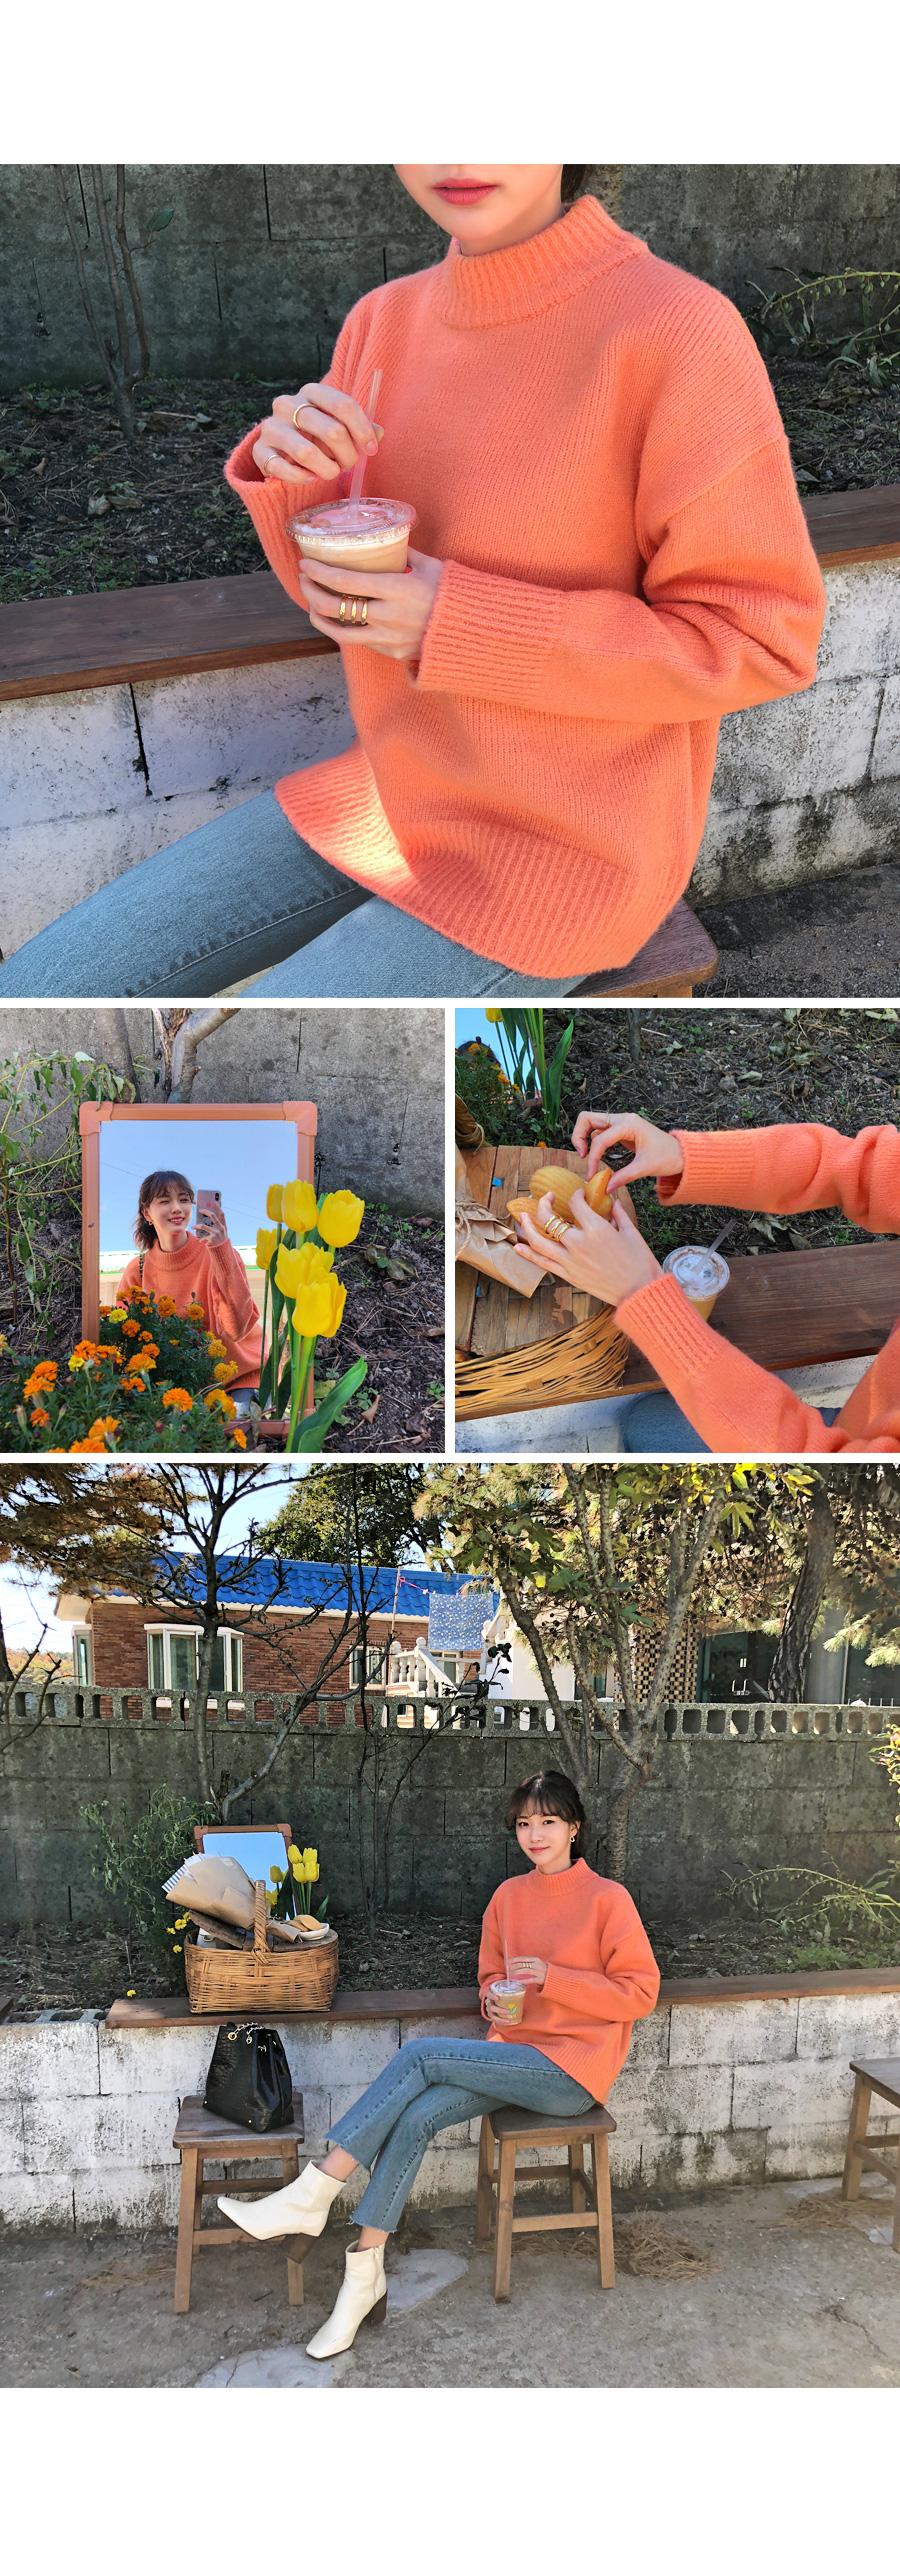 181115 kyntj 01 06 - 韓国通販サイト「イムブリー」で注文した綺麗色ニットの口コミ